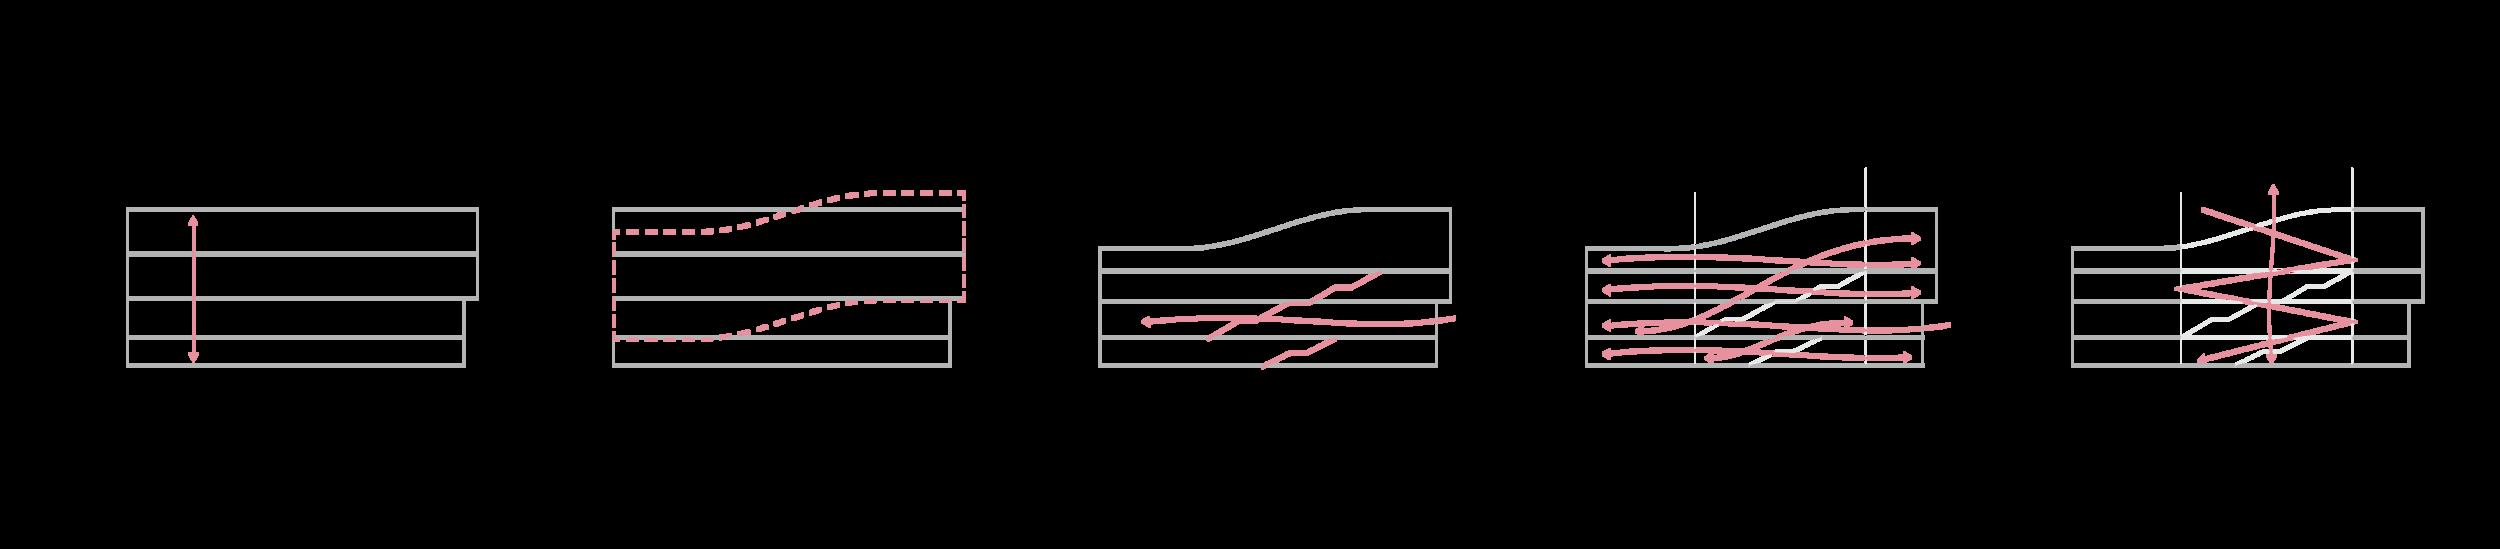 diagram 1 2.0-01.png